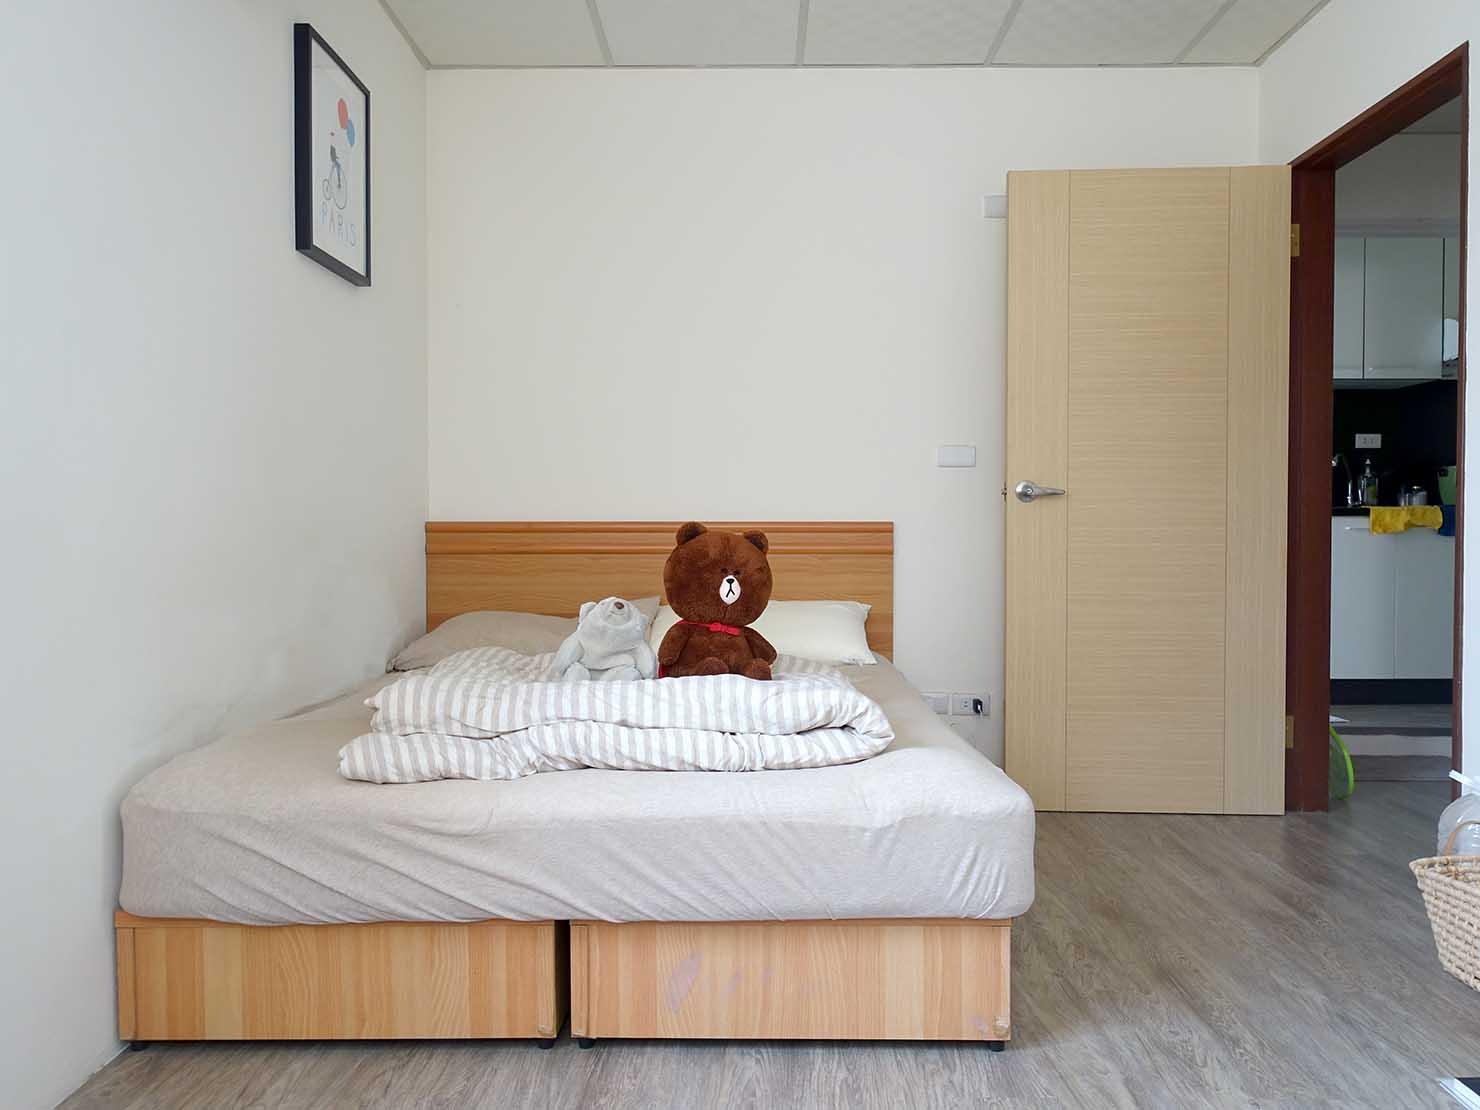 台北で台湾人彼氏と僕がルームシェアしている部屋の個室ベッド